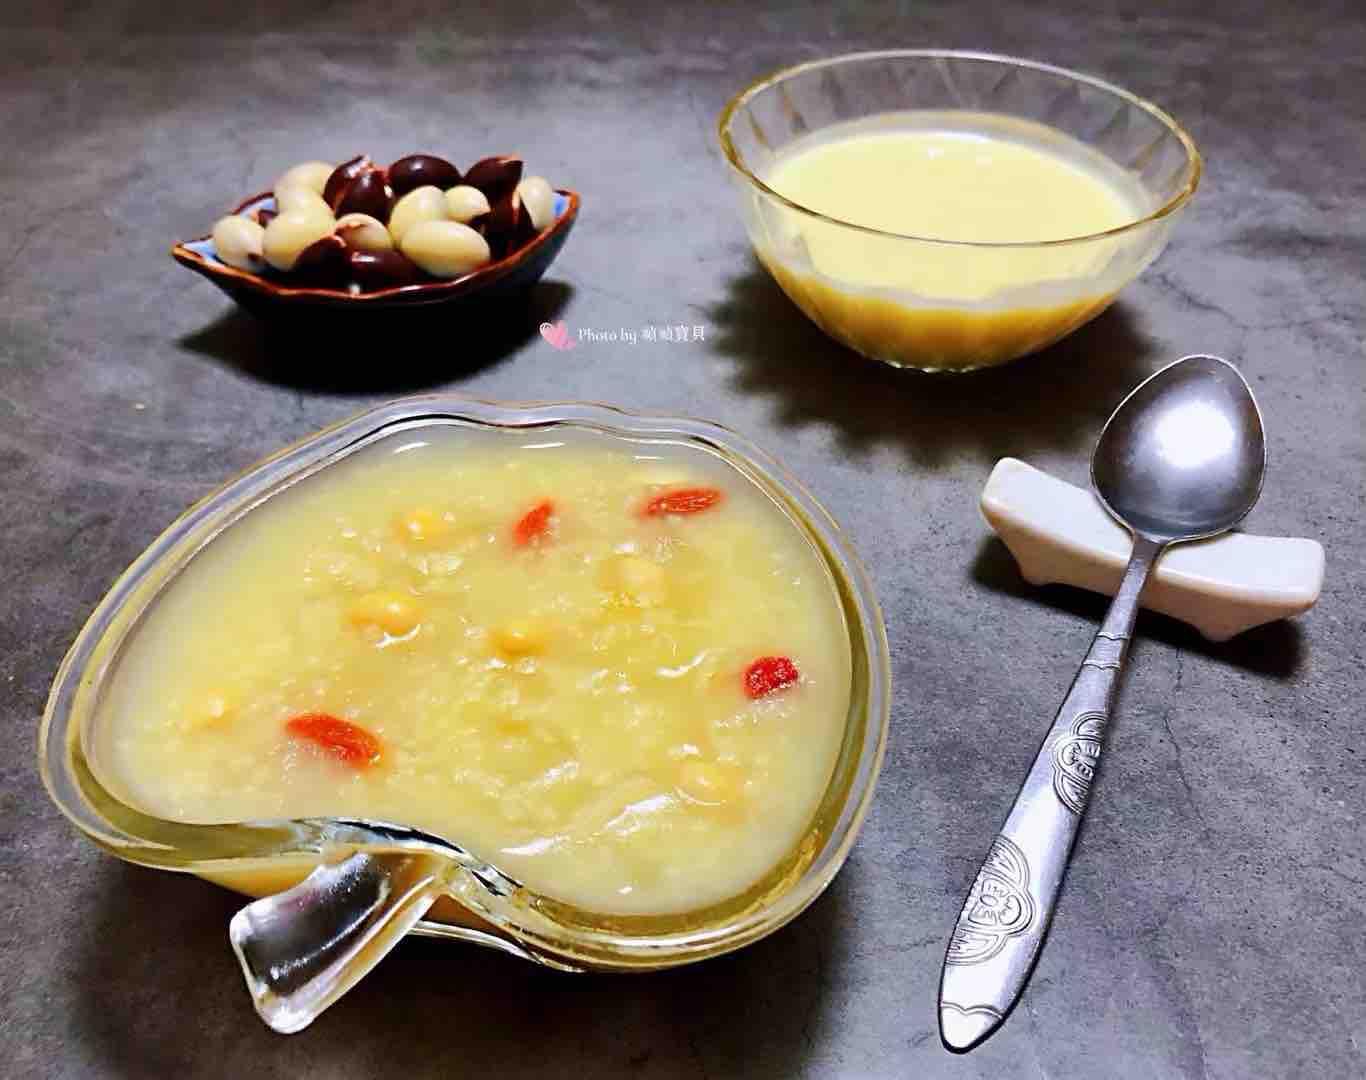 银耳黄豆枸杞小米粥怎样炒